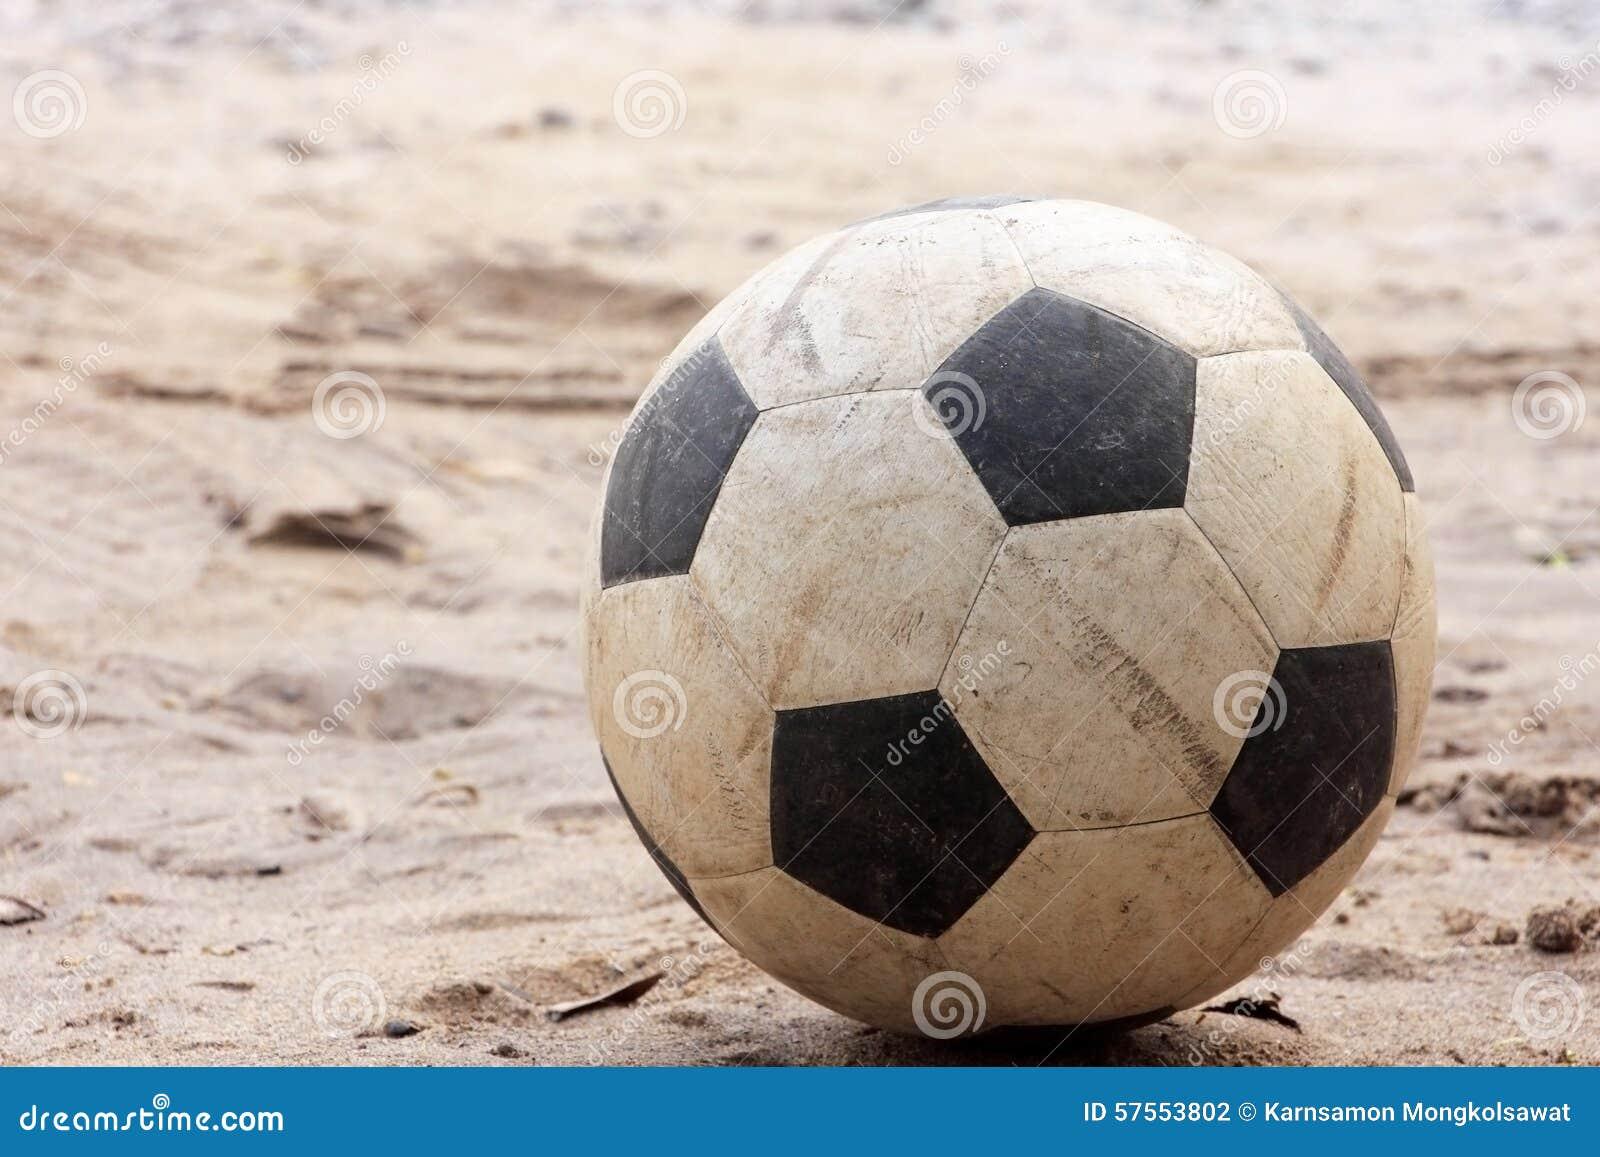 Un vecchio calcio o pallone da calcio sulla sabbia - Pagina da colorare di un pallone da calcio ...